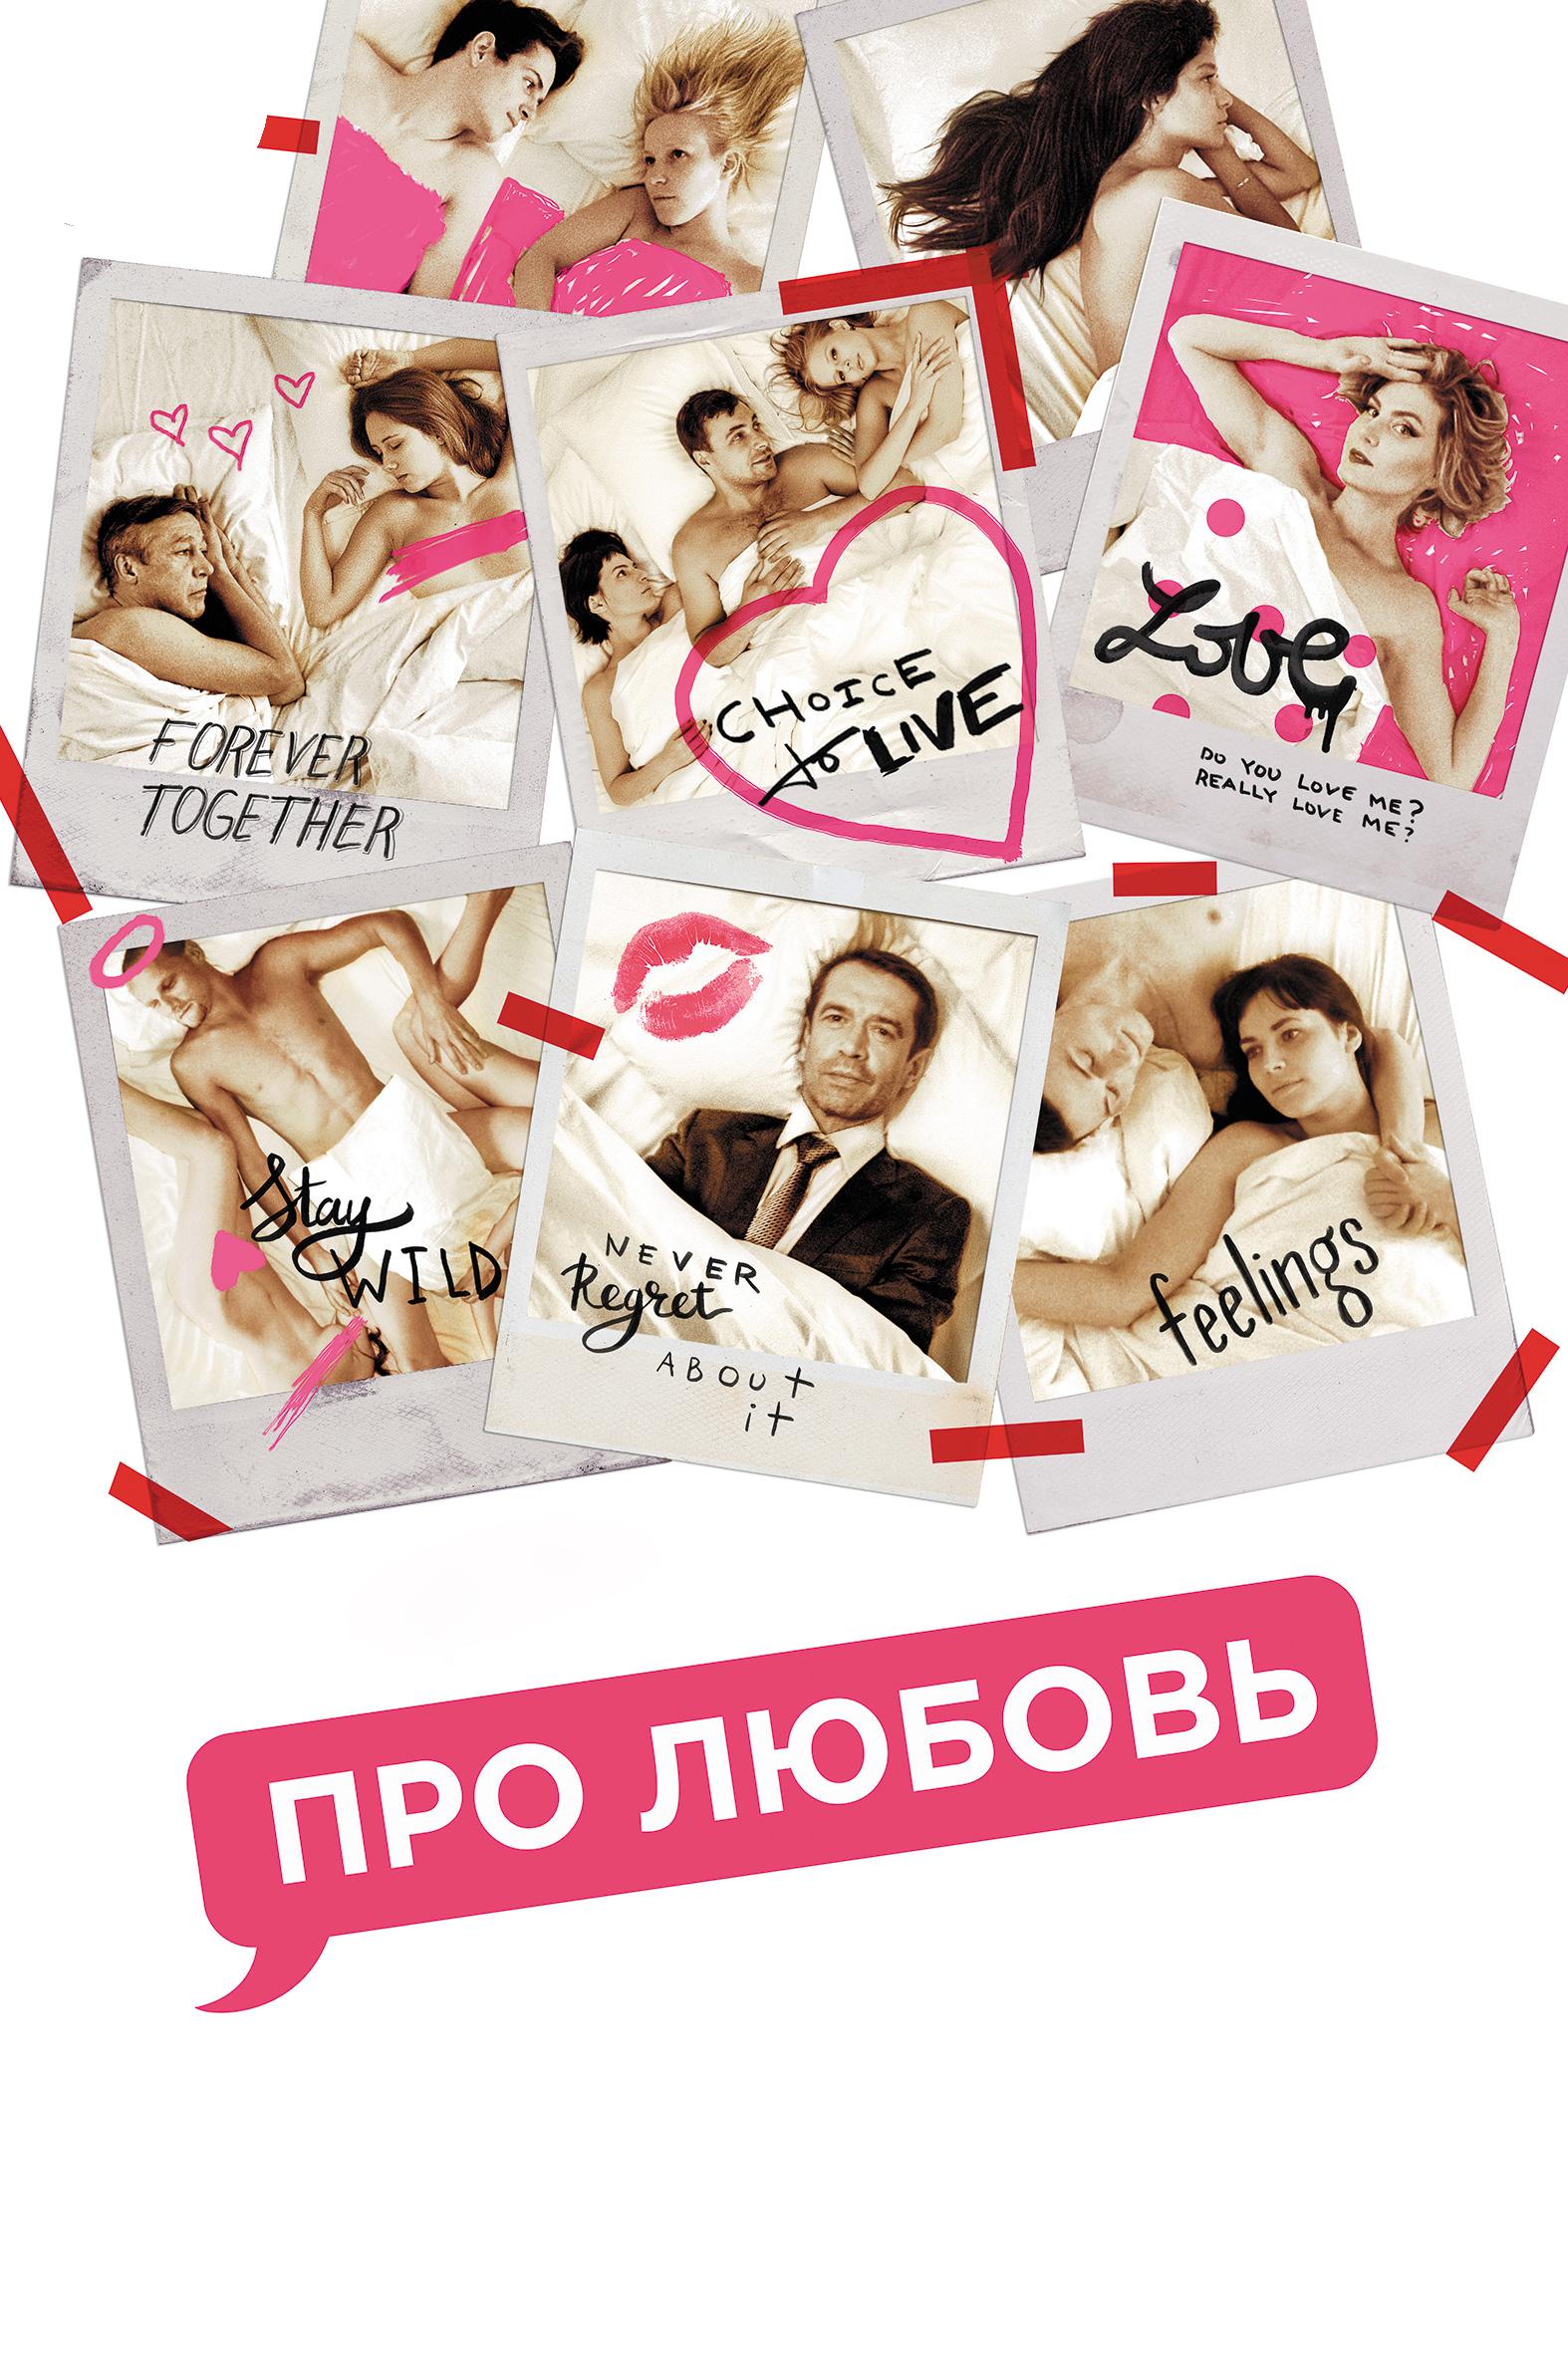 Смотреть развод девочек русских на секс онлайн